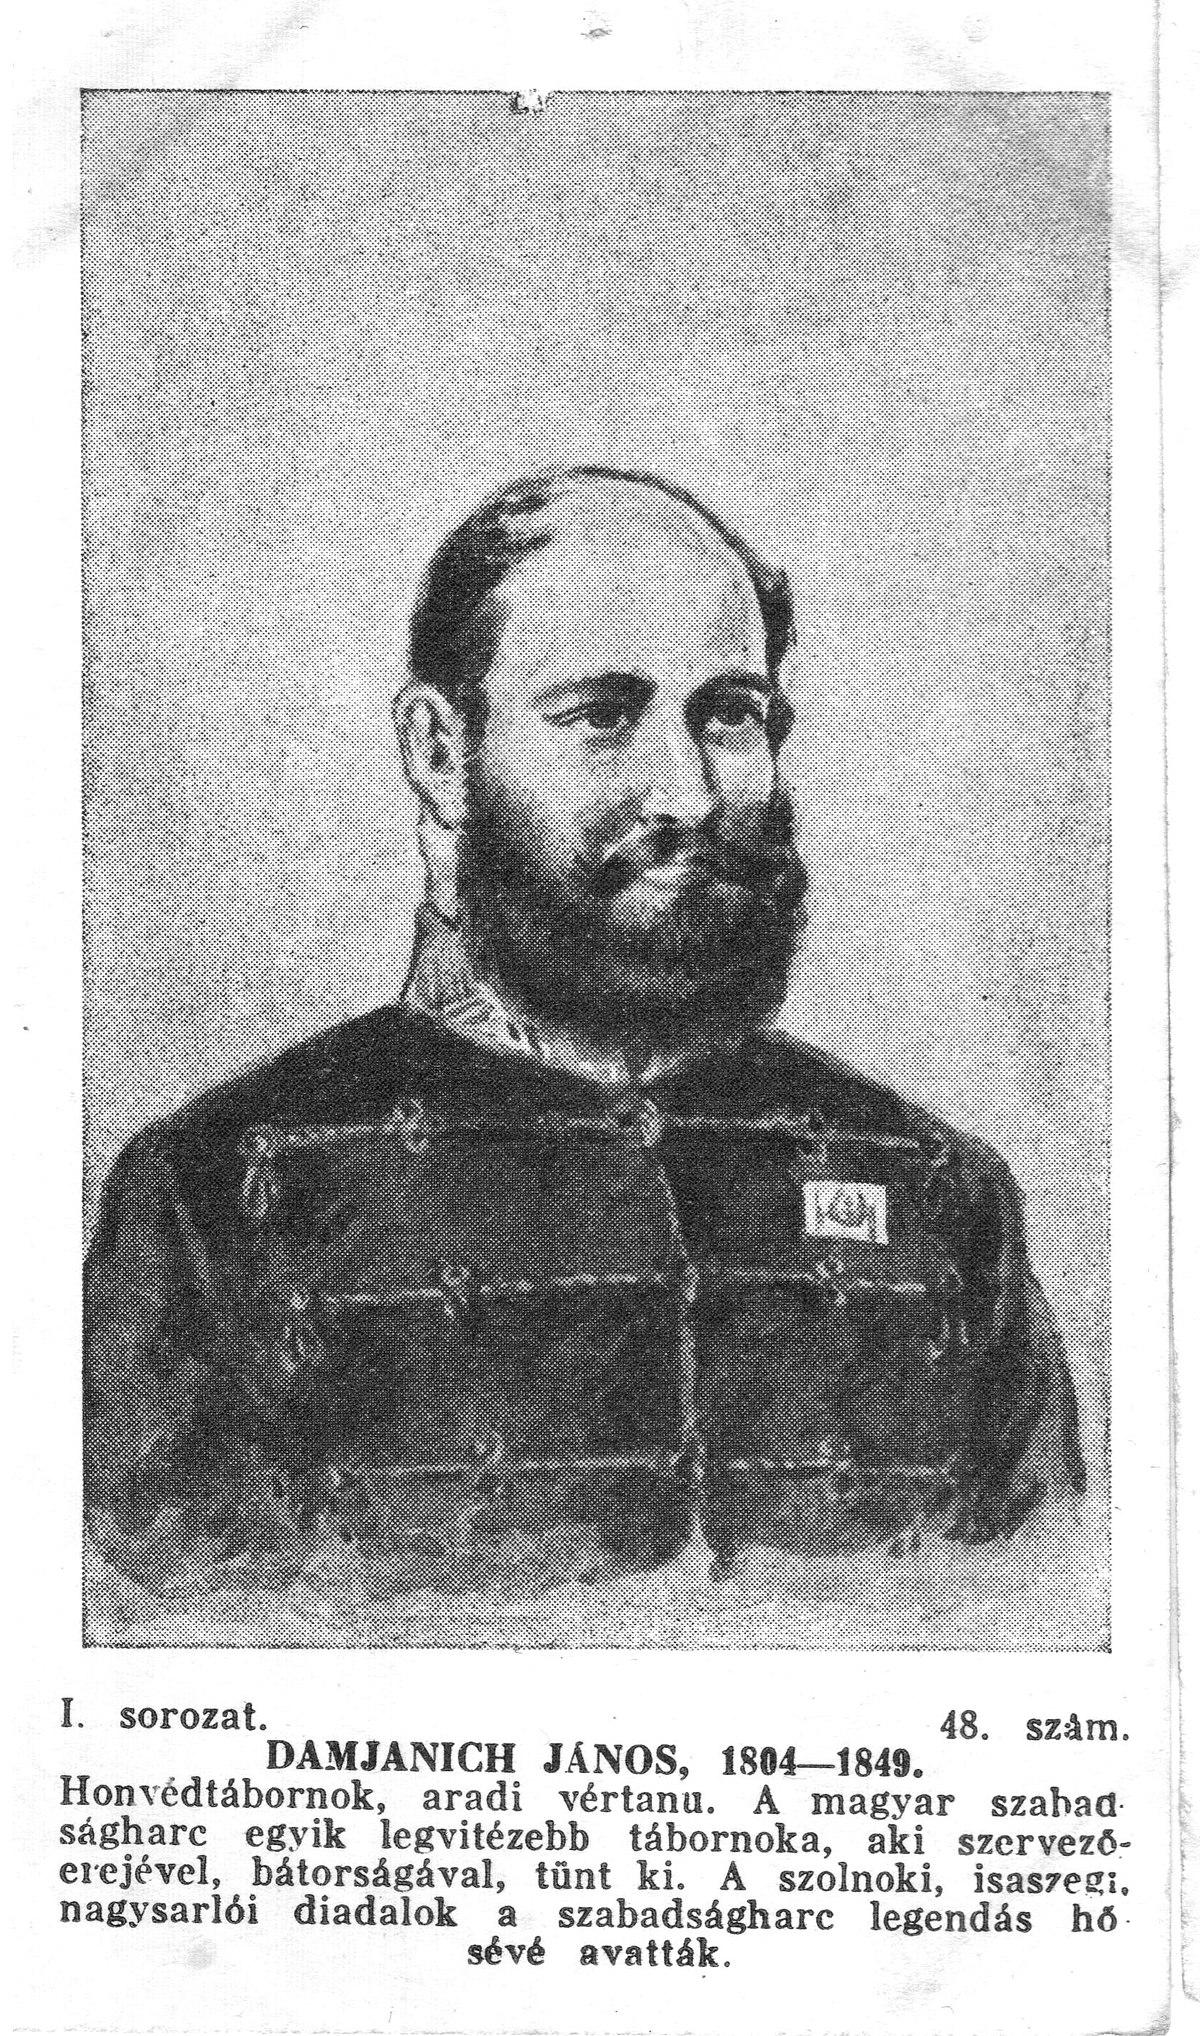 File:48. Damjanich János.jpg - Wikimedia Commons